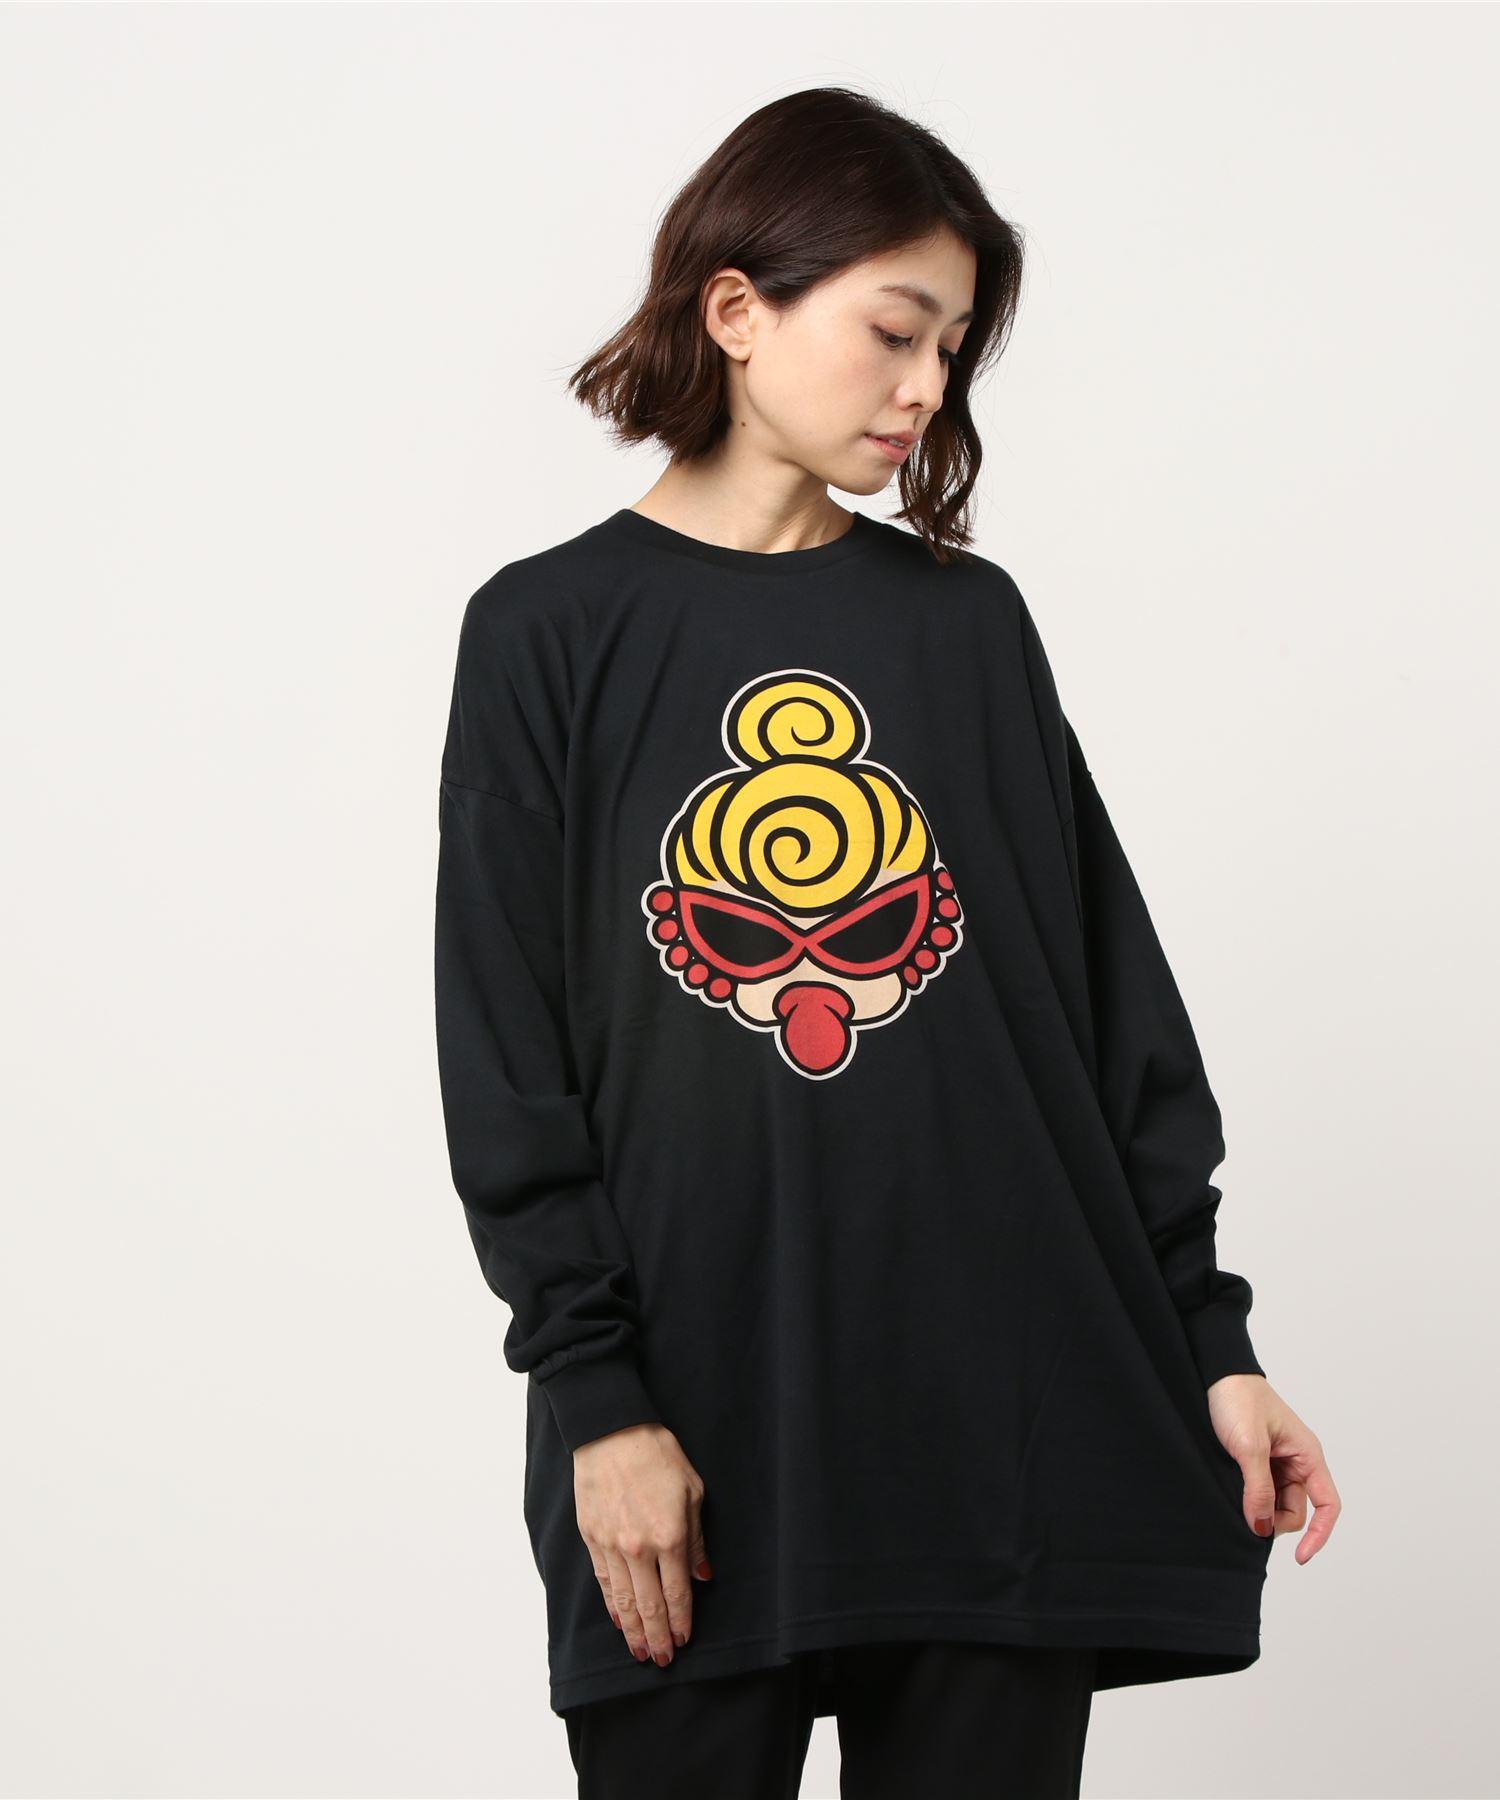 HYS MINI オーバーサイズTシャツ